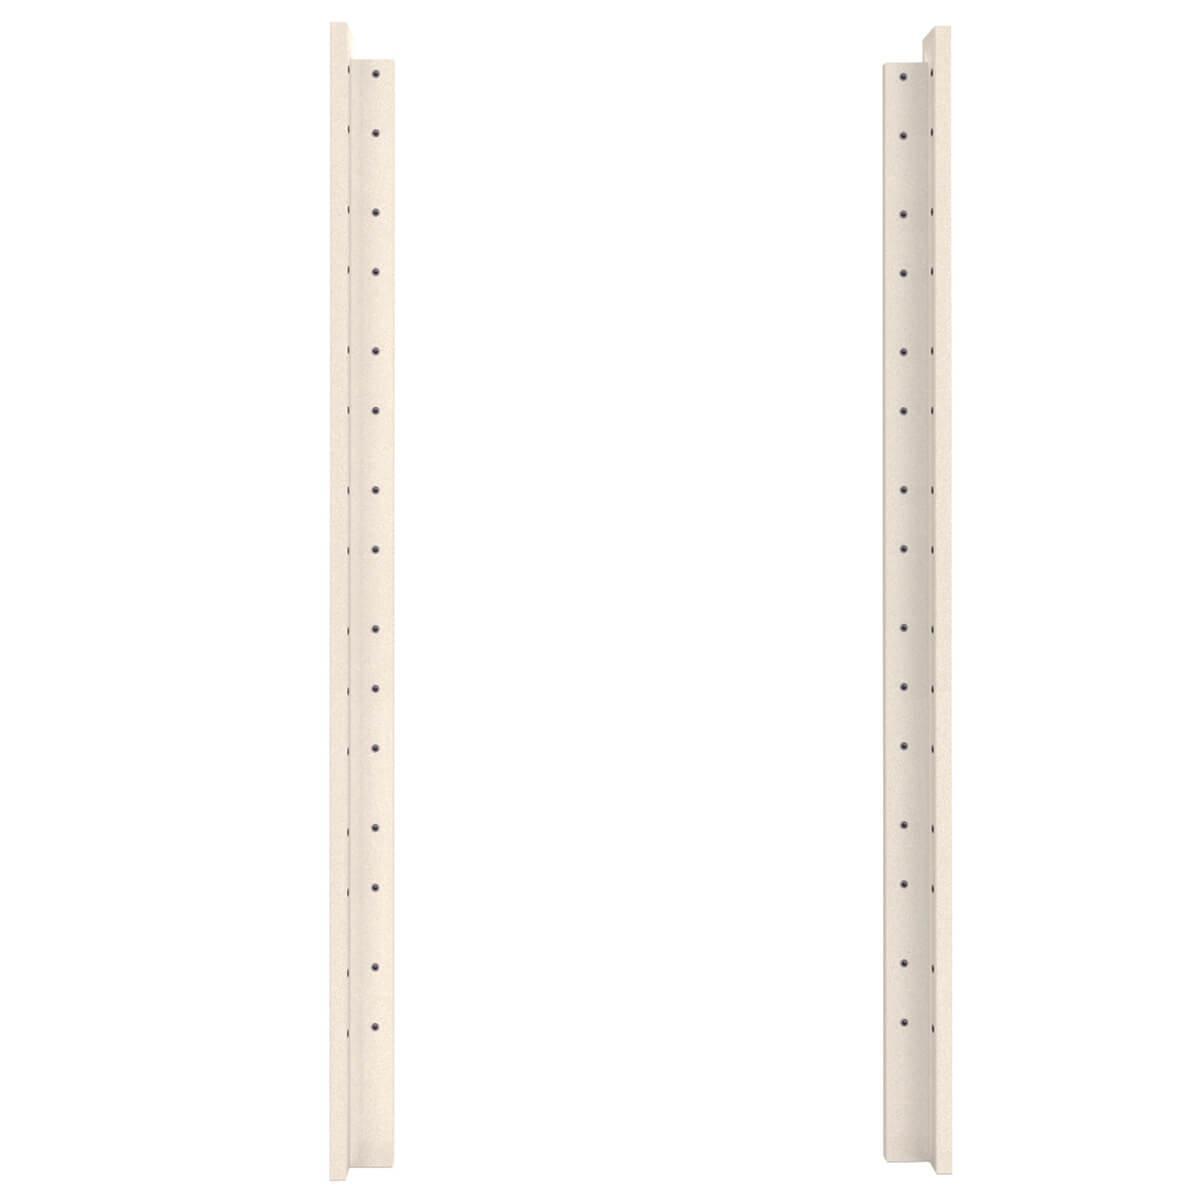 Eckpfosten hoch 184cm 2-Stück Bettzubehör DESTYLE Debreuyn Buche massiv weiß gebeizt-lackiert